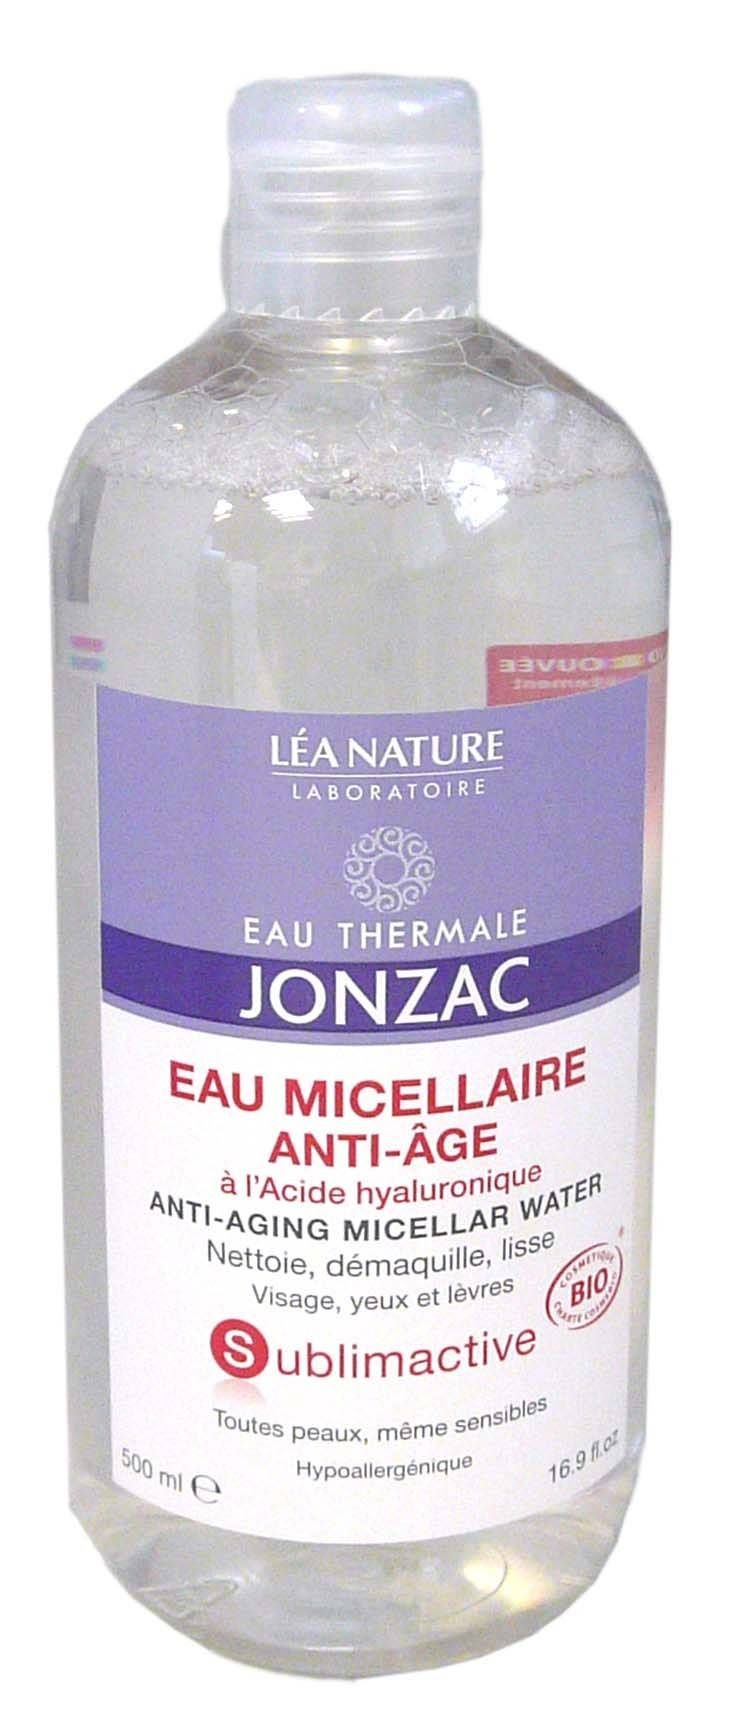 Jonzac sublimactive eau micellaire anti age 500ml